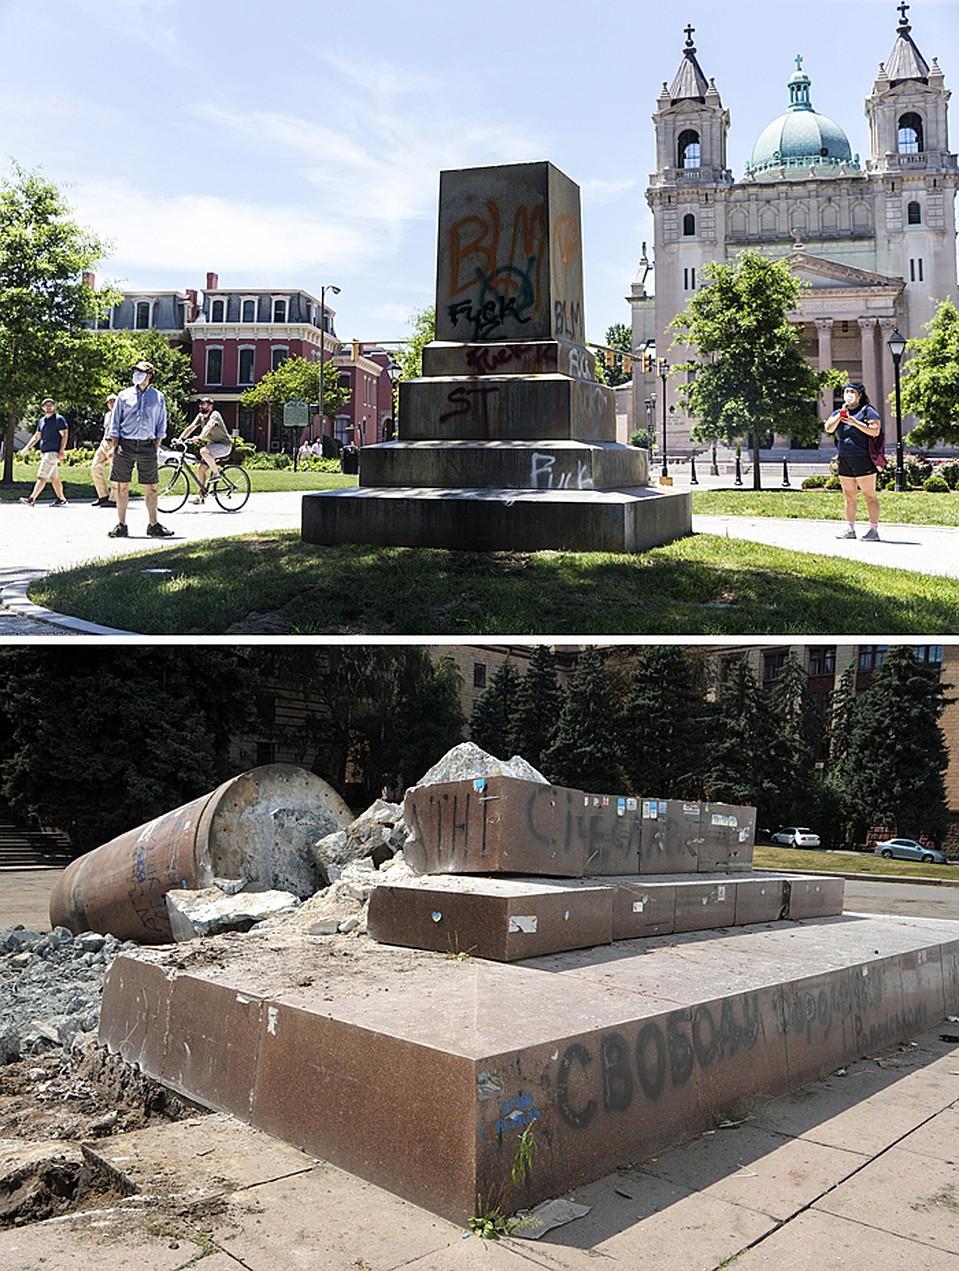 Фундамент статуи Конфедерации и остатки пямятника Ленину в Днепропетровске Фото: EAST NEWS